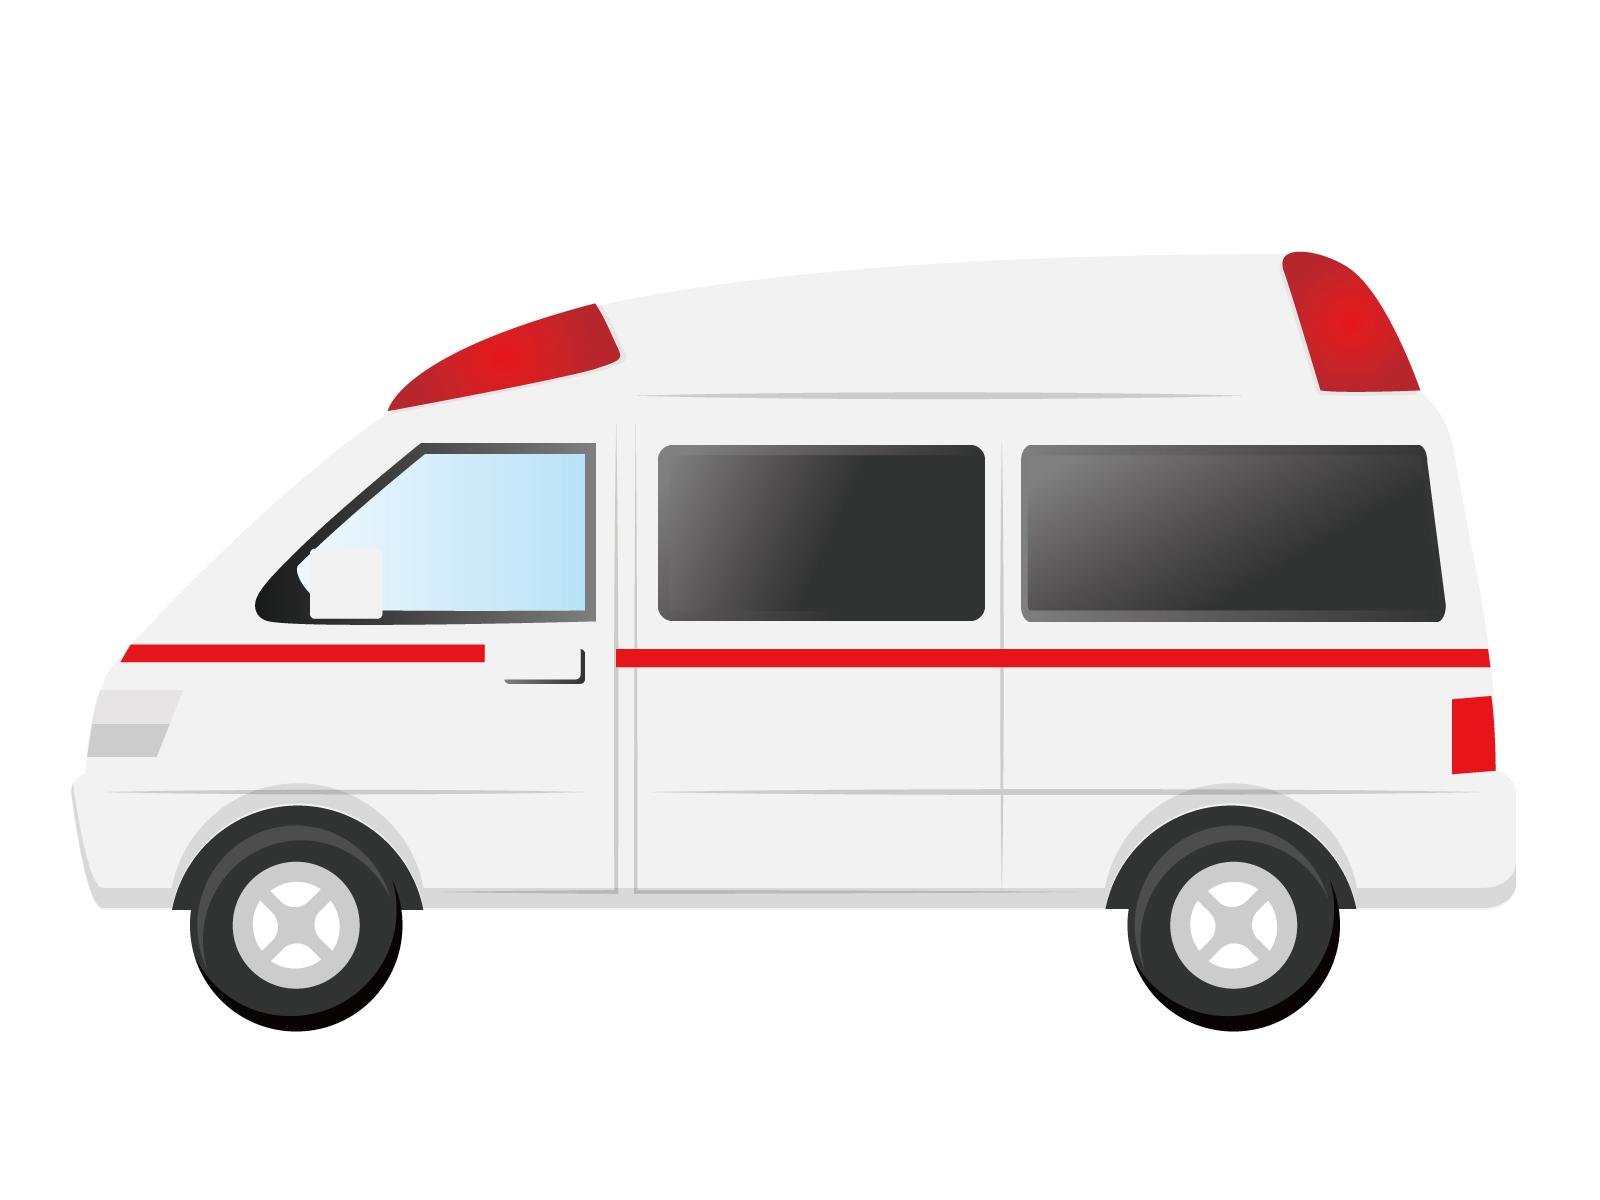 認知症による異食行為への対応。ビニールを食べ救急車で運ばれた事例